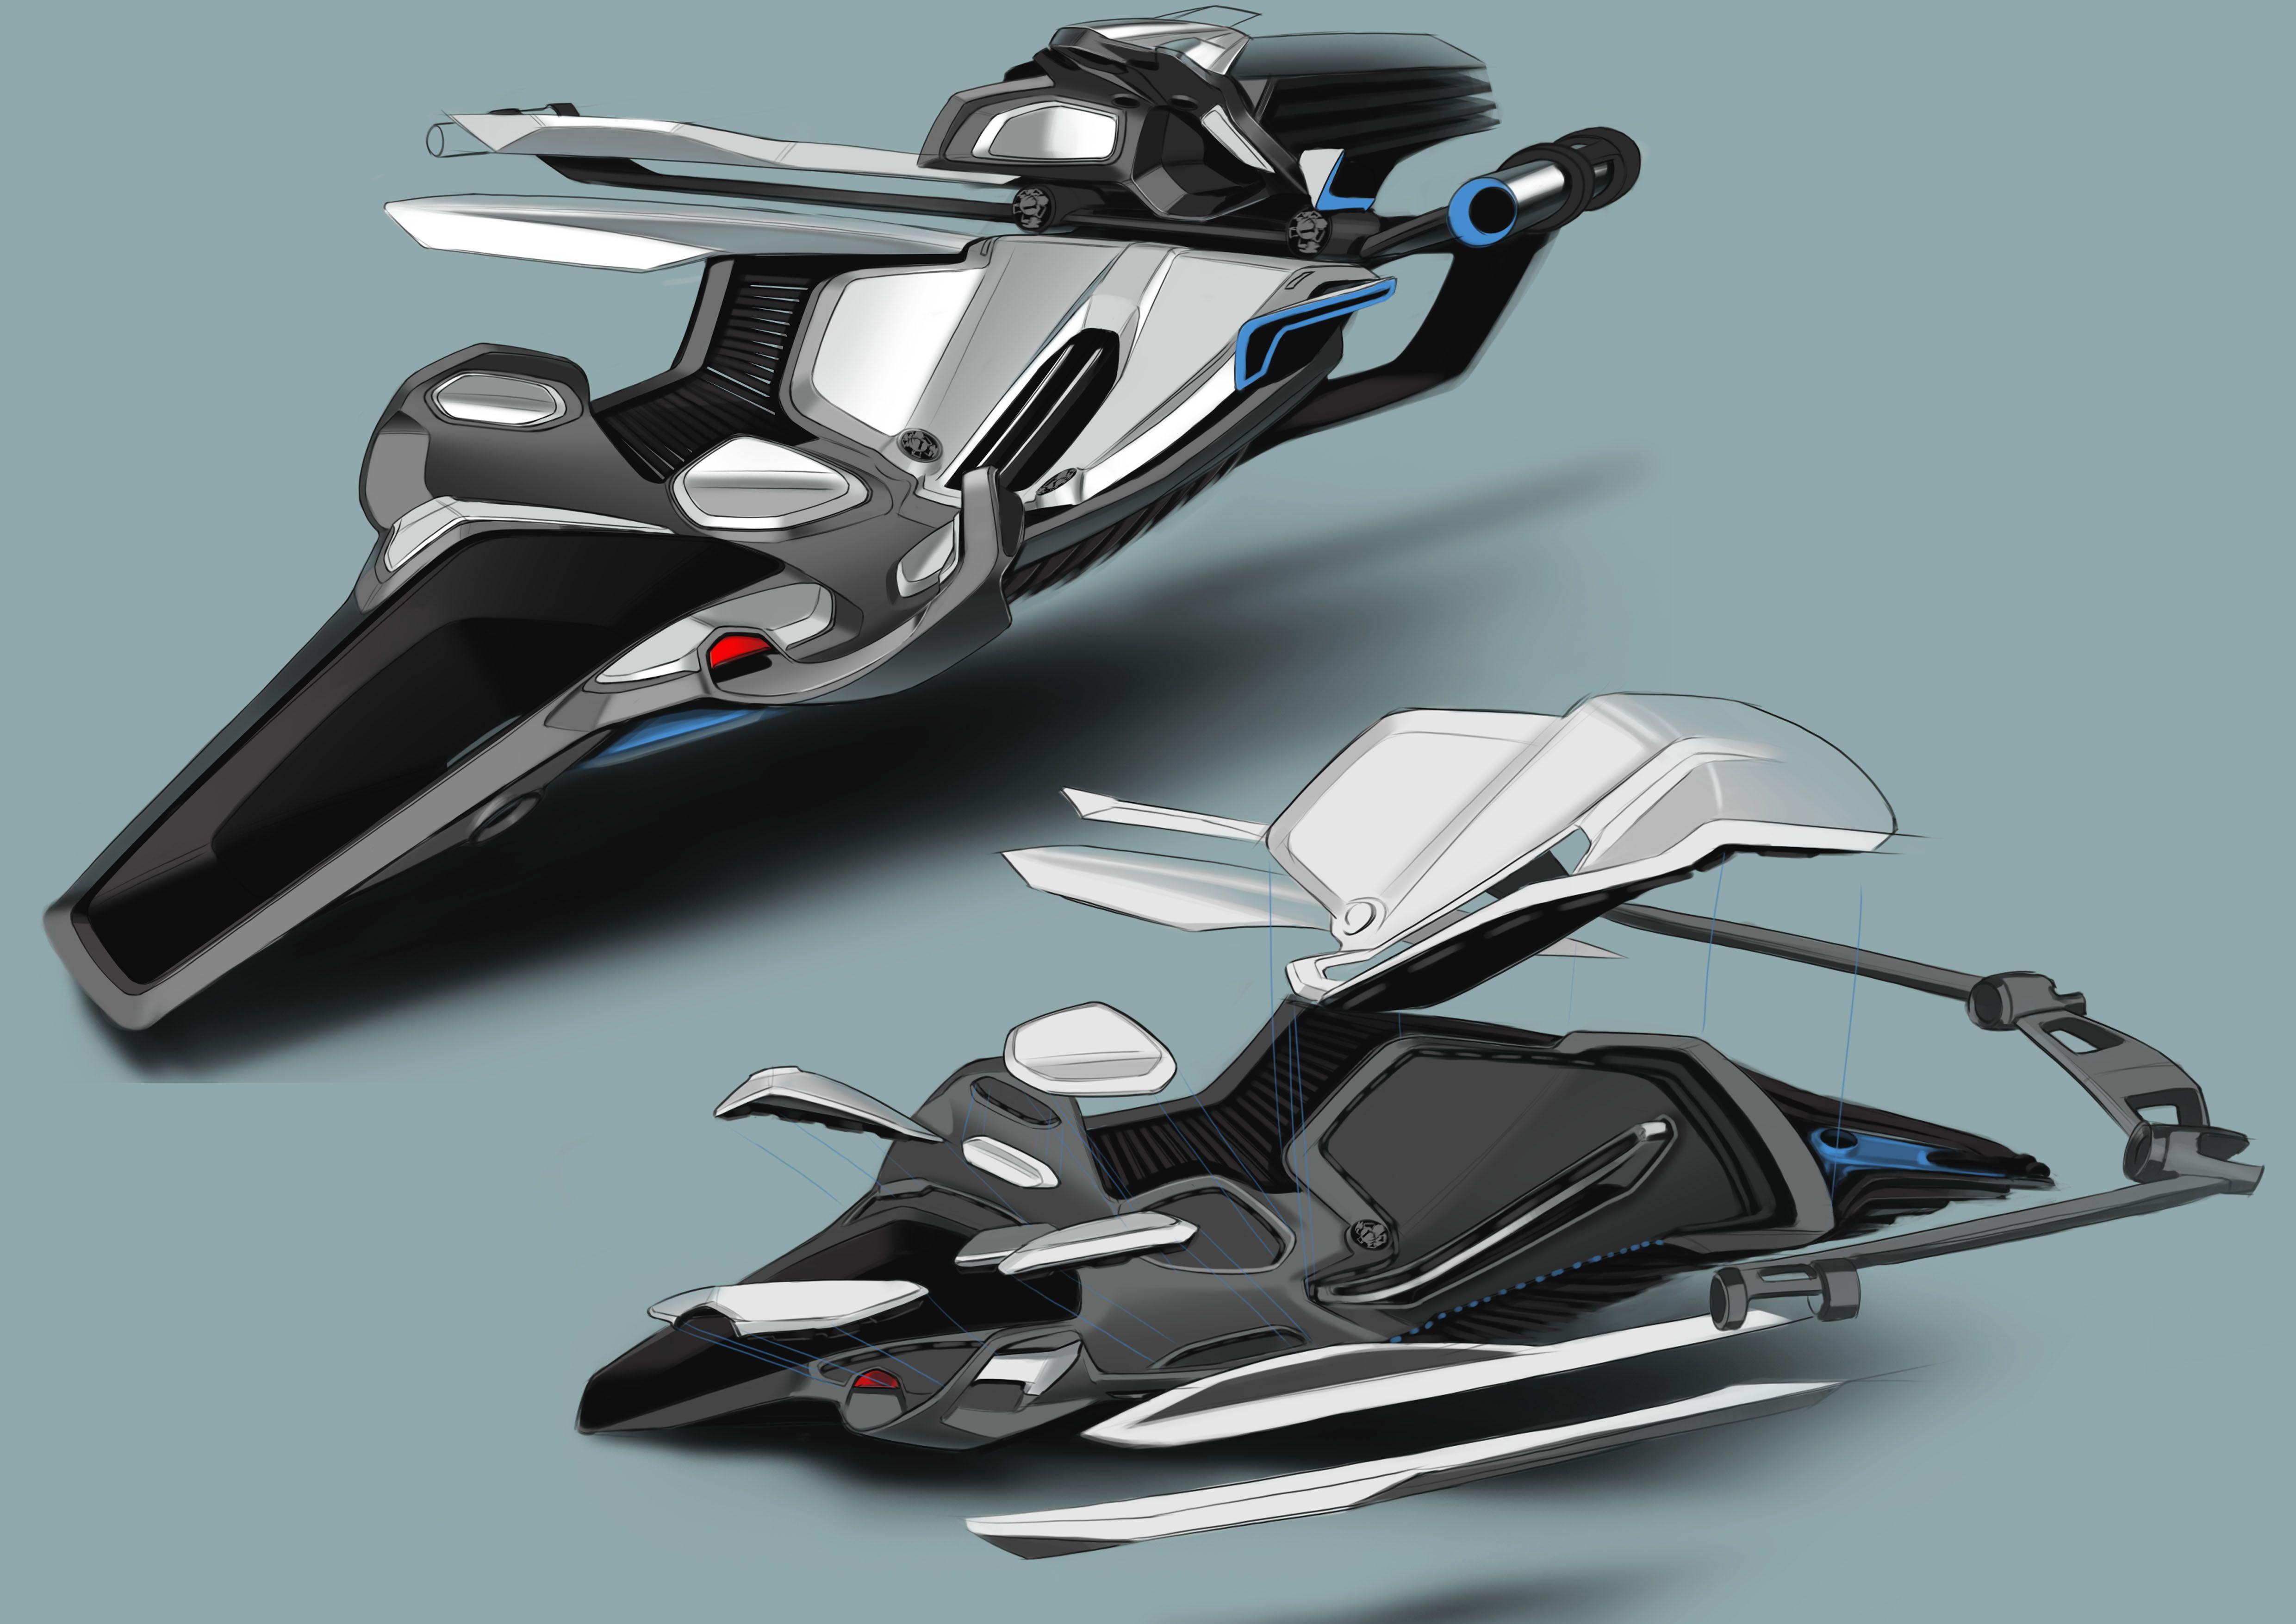 Audi Aeon Concept Interior Design Spacetourism Thesis Mark Osipov Audi Quot Aeon Quot Around The